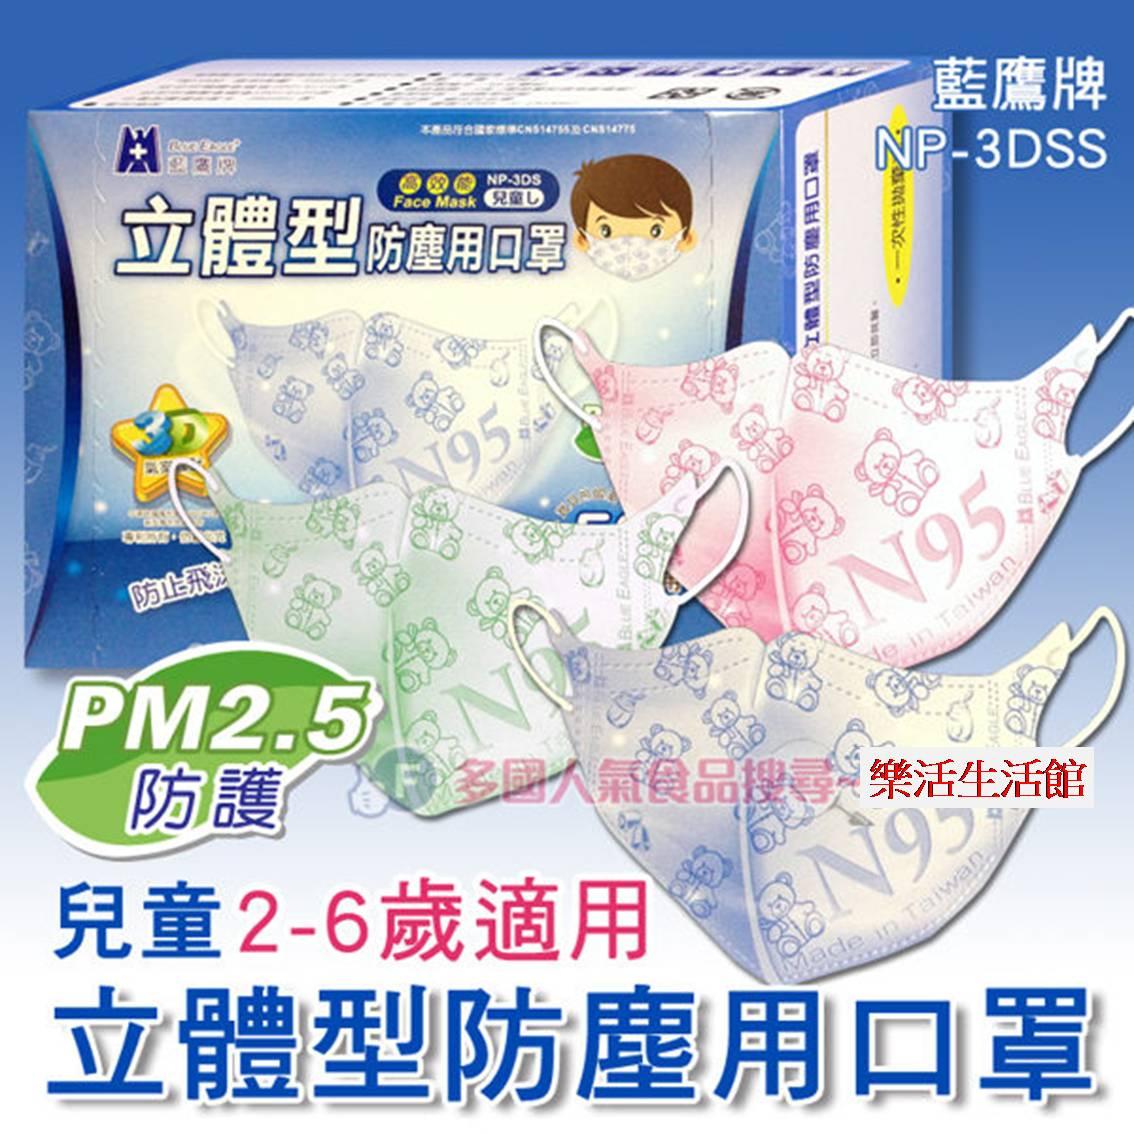 下殺↘$180.00藍鷹版3D立體型防塵用口罩 防沙塵/粉塵/花粉/塵螨 (2-6兒童用)  藍色/粉色/綠色  【樂活生活館】